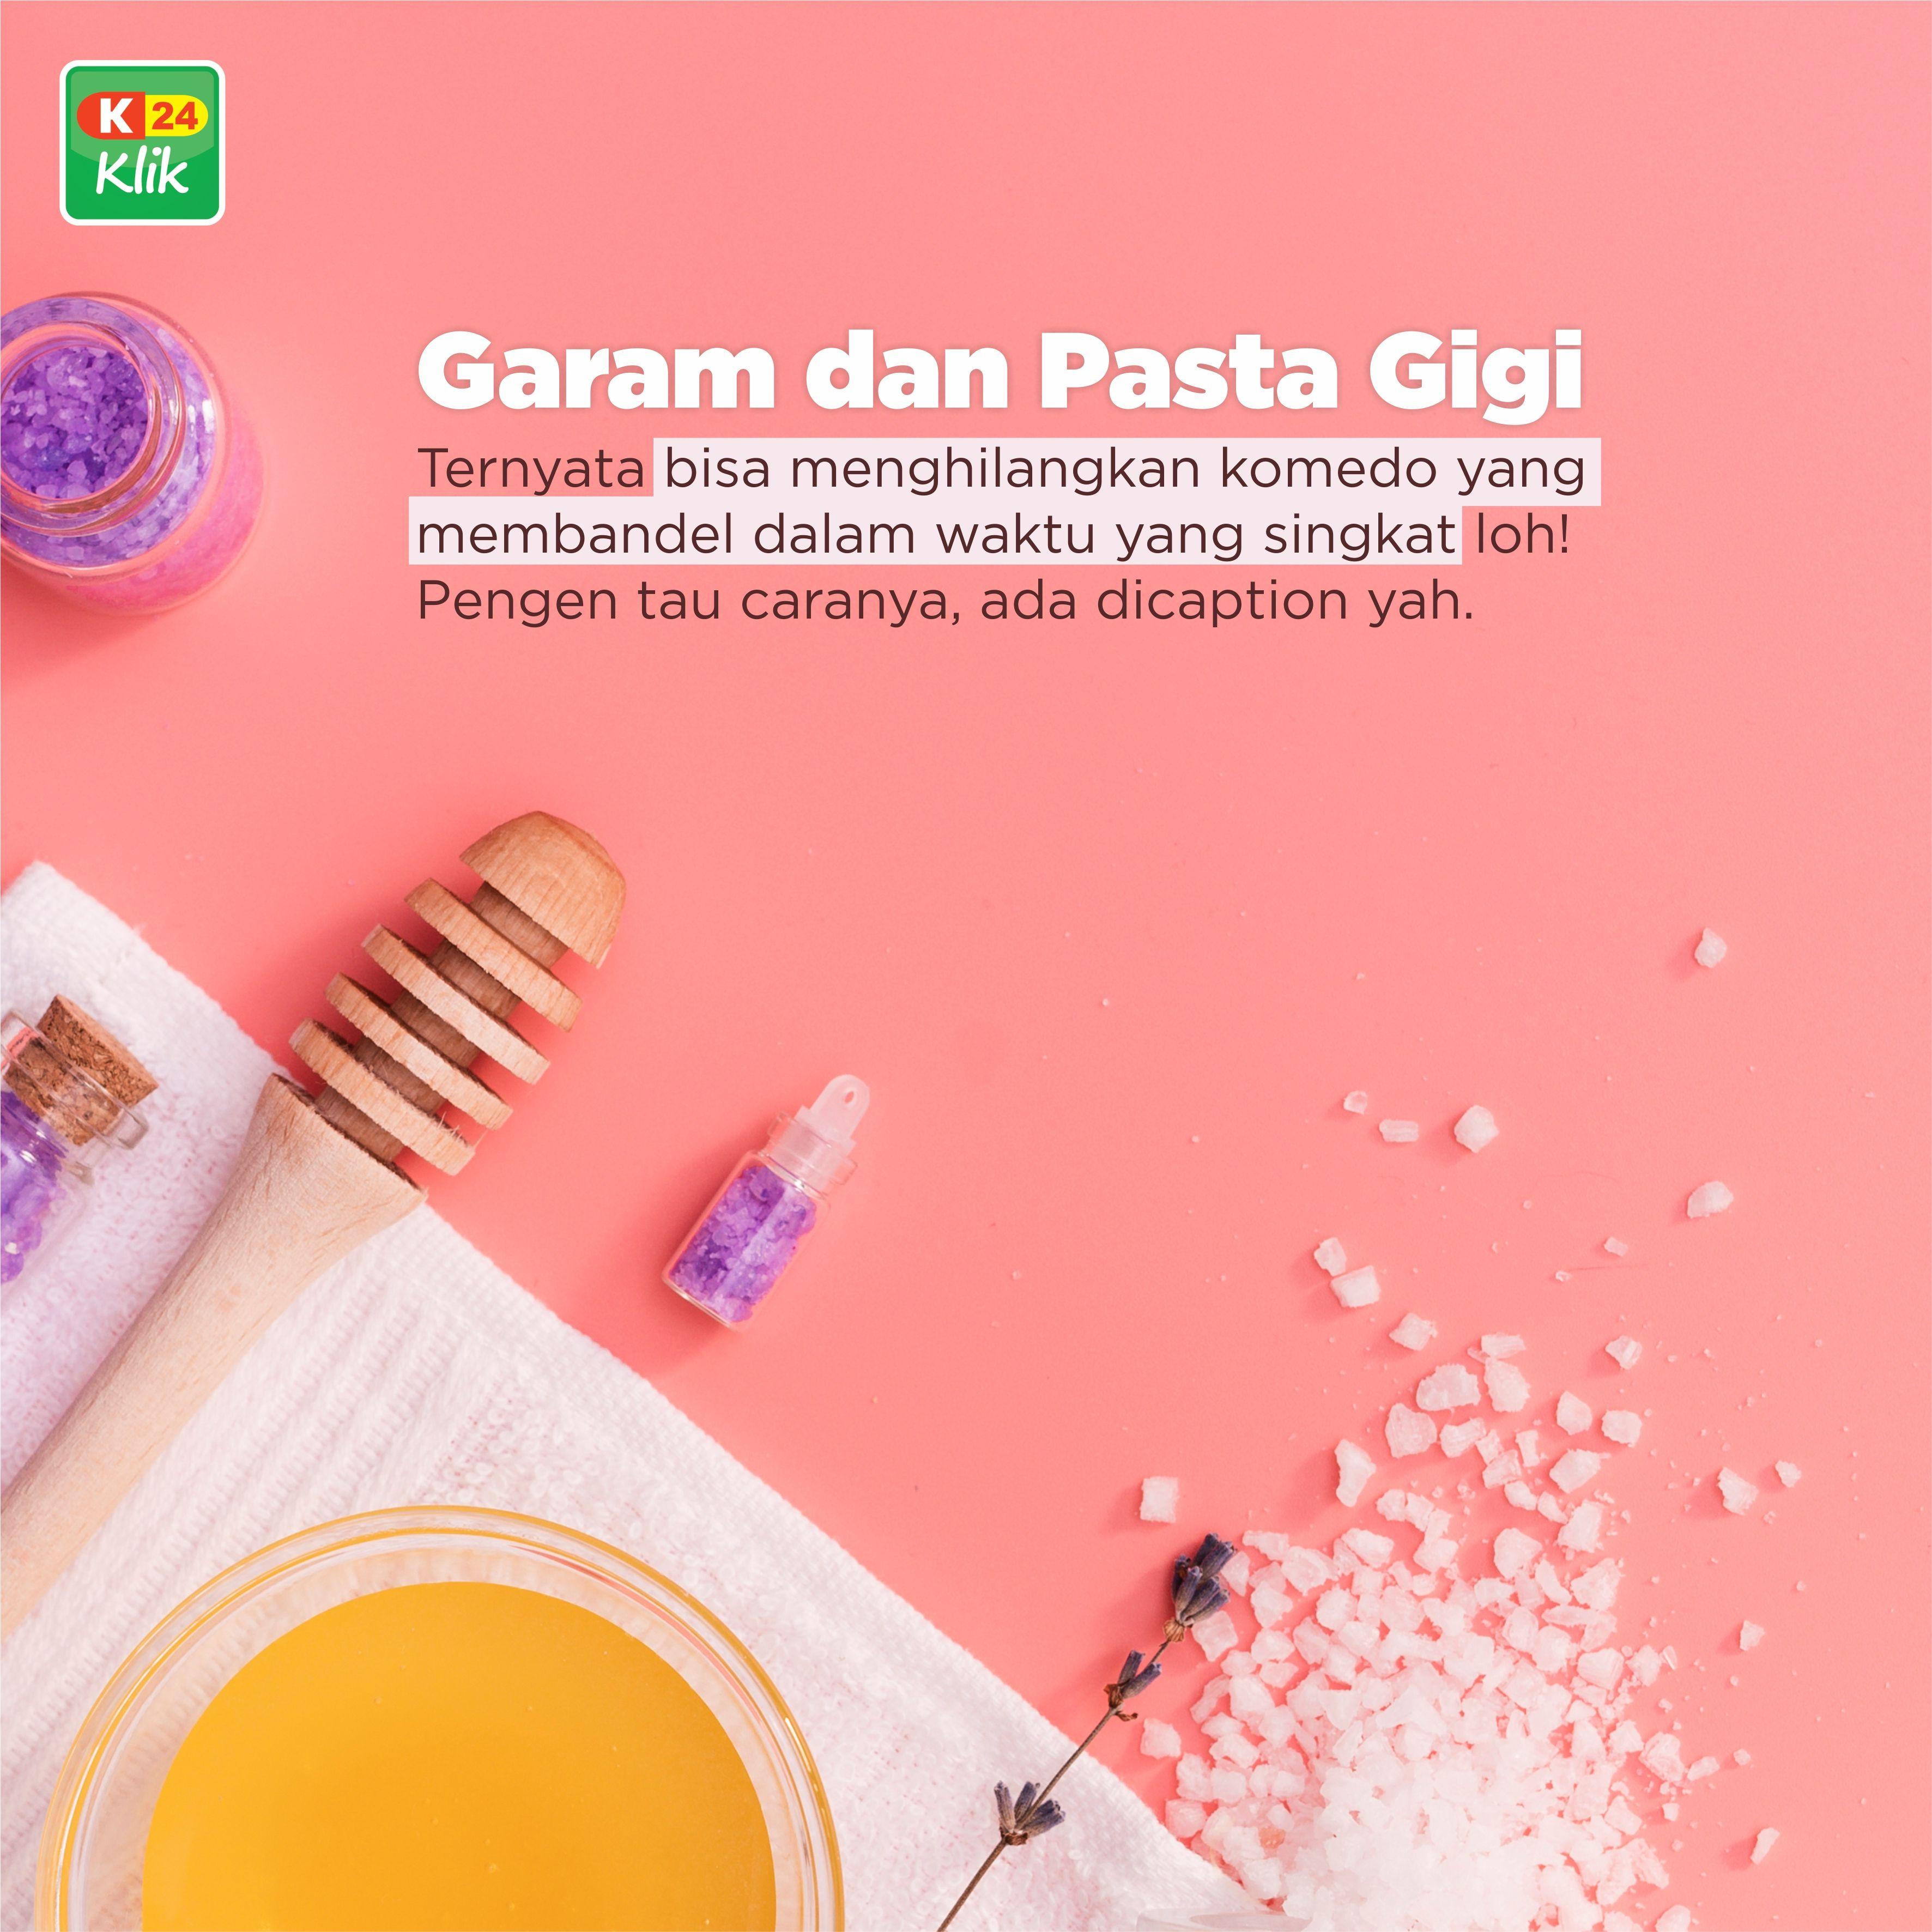 23+ Membersihkan komedo dengan pasta gigi inspirations